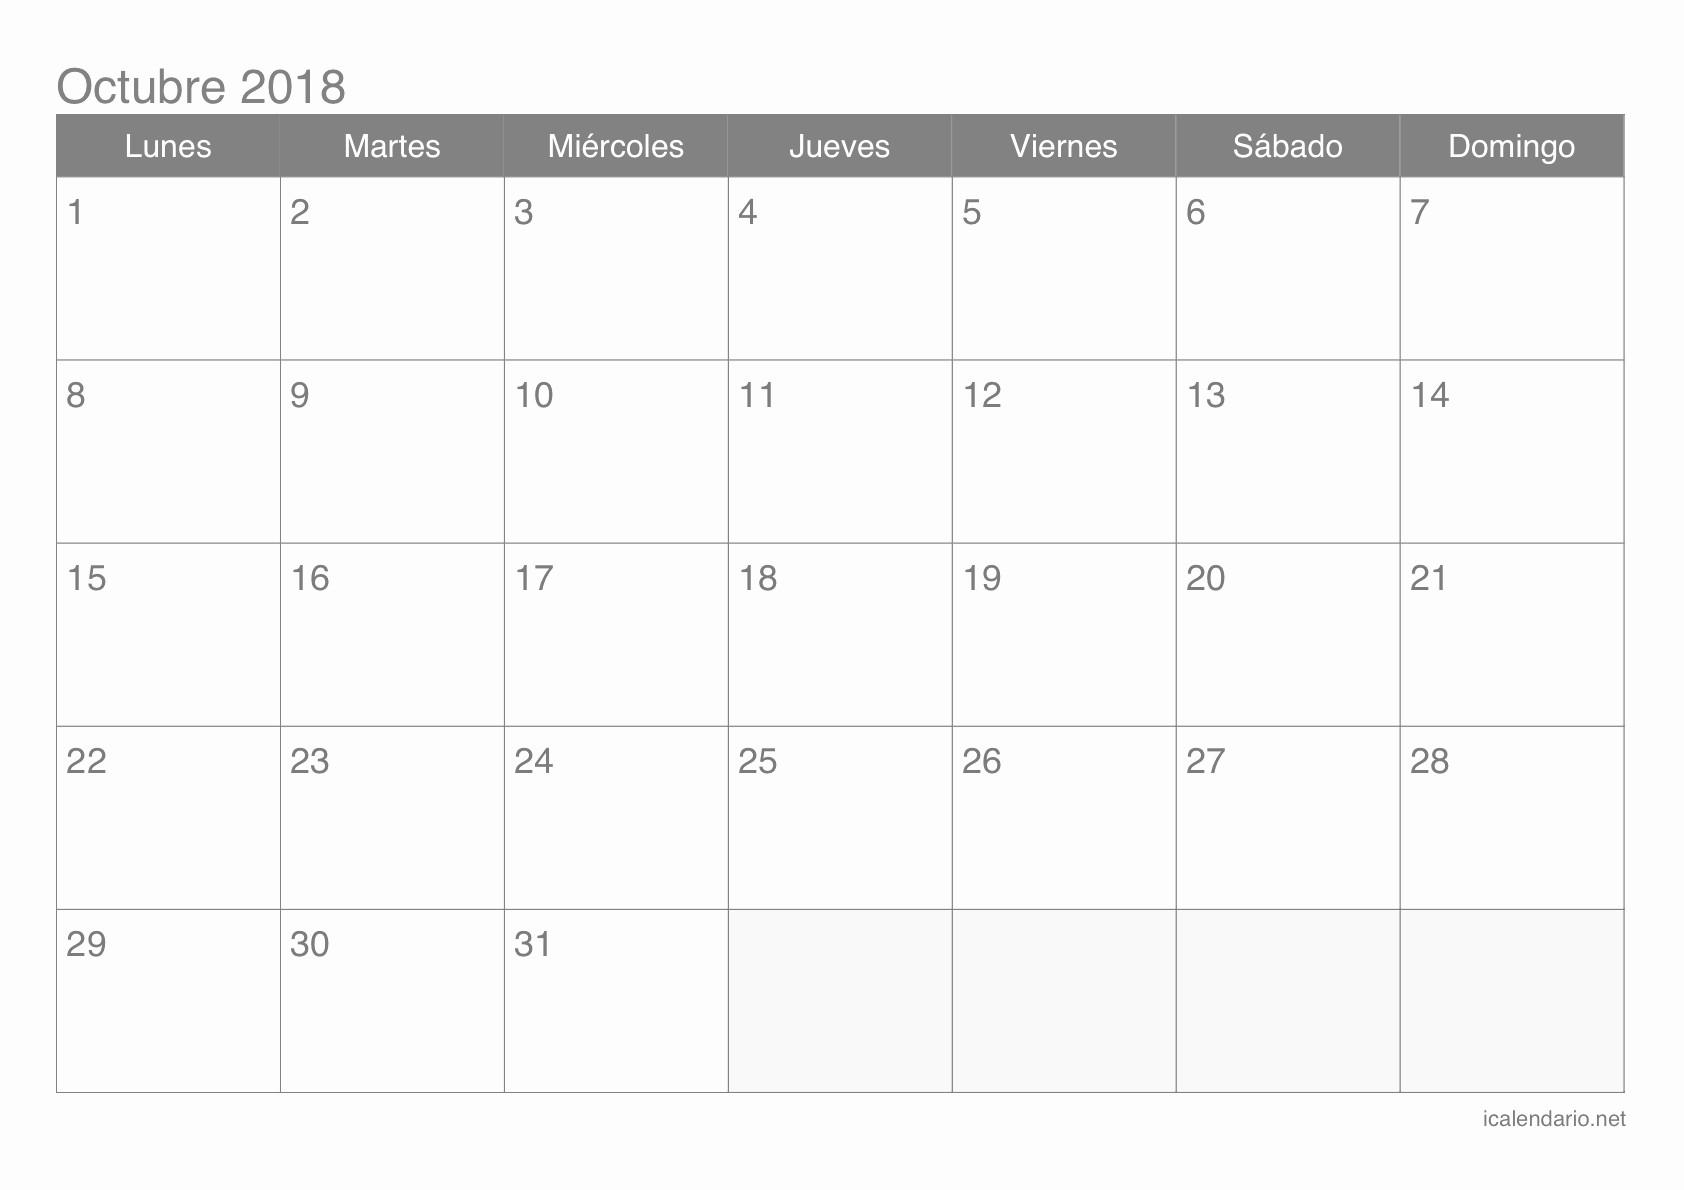 Calendario Octubre 2019 Per Imprimir Más Arriba-a-fecha Puente Octubre Calendario 2019 Of Calendario Octubre 2019 Per Imprimir Más Populares Imserso Instituto De Mayores Y Servicios sociales Octubre